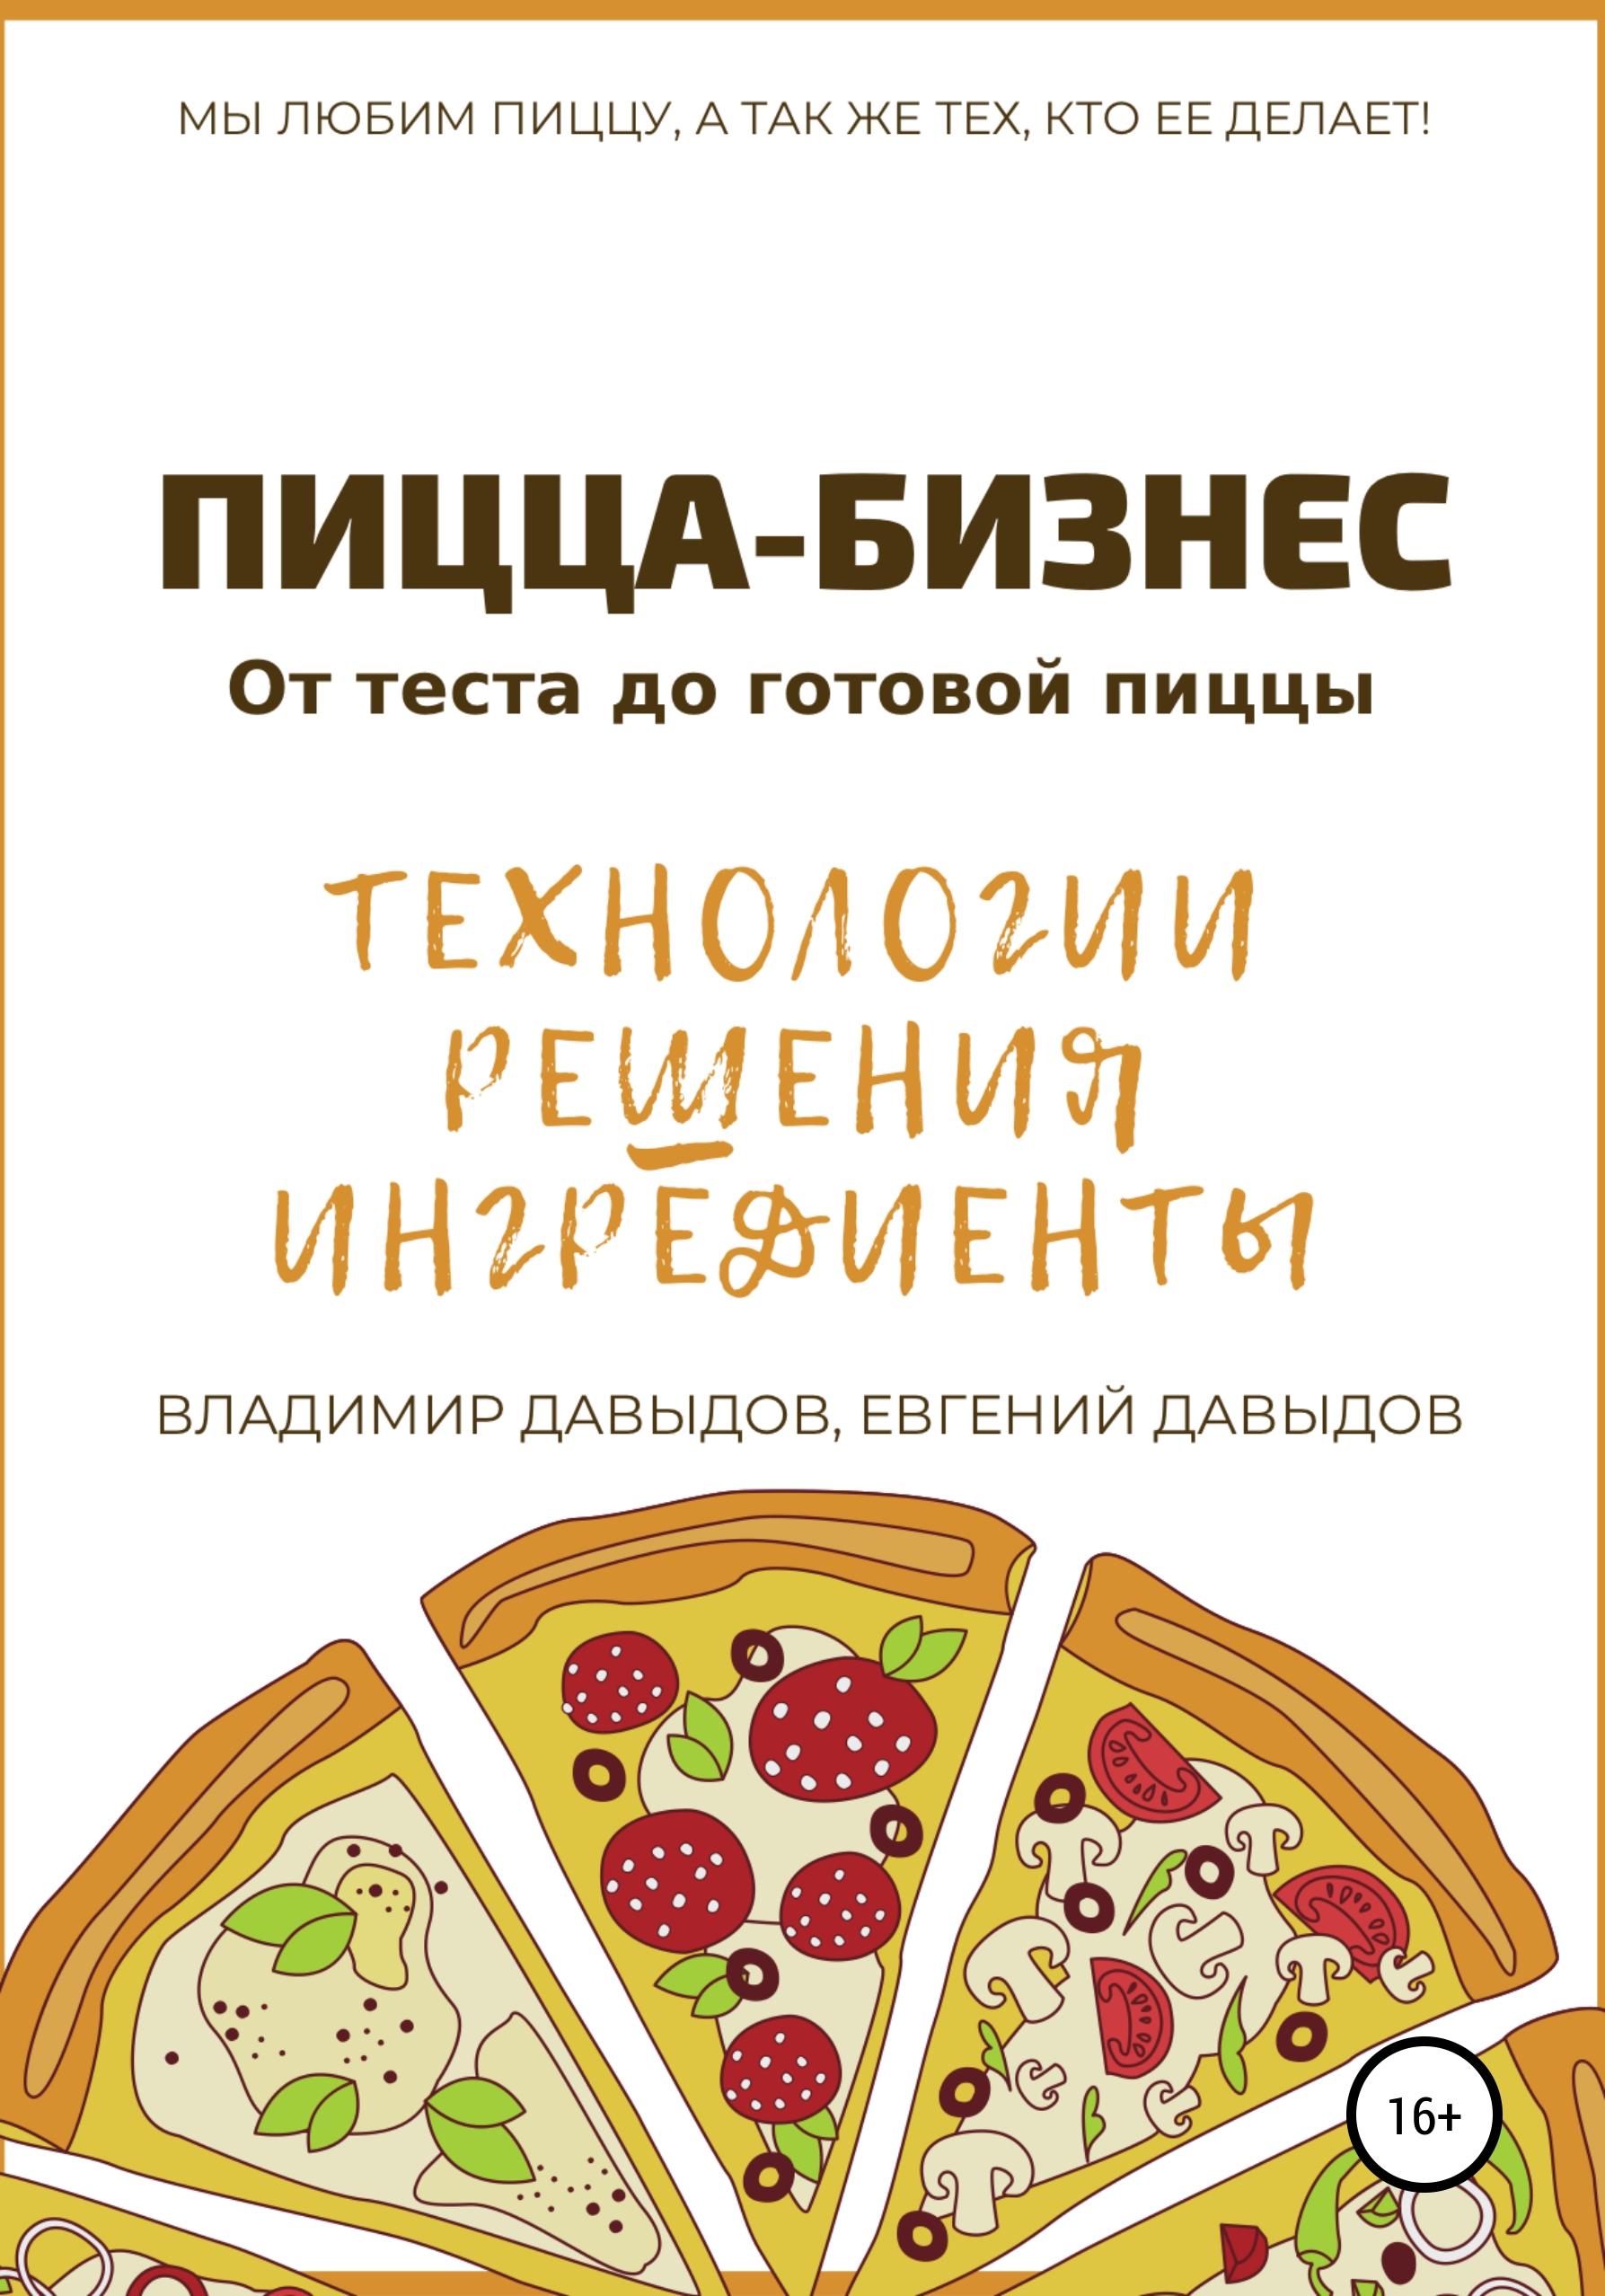 Обложка книги. Автор - Евгений Давыдов